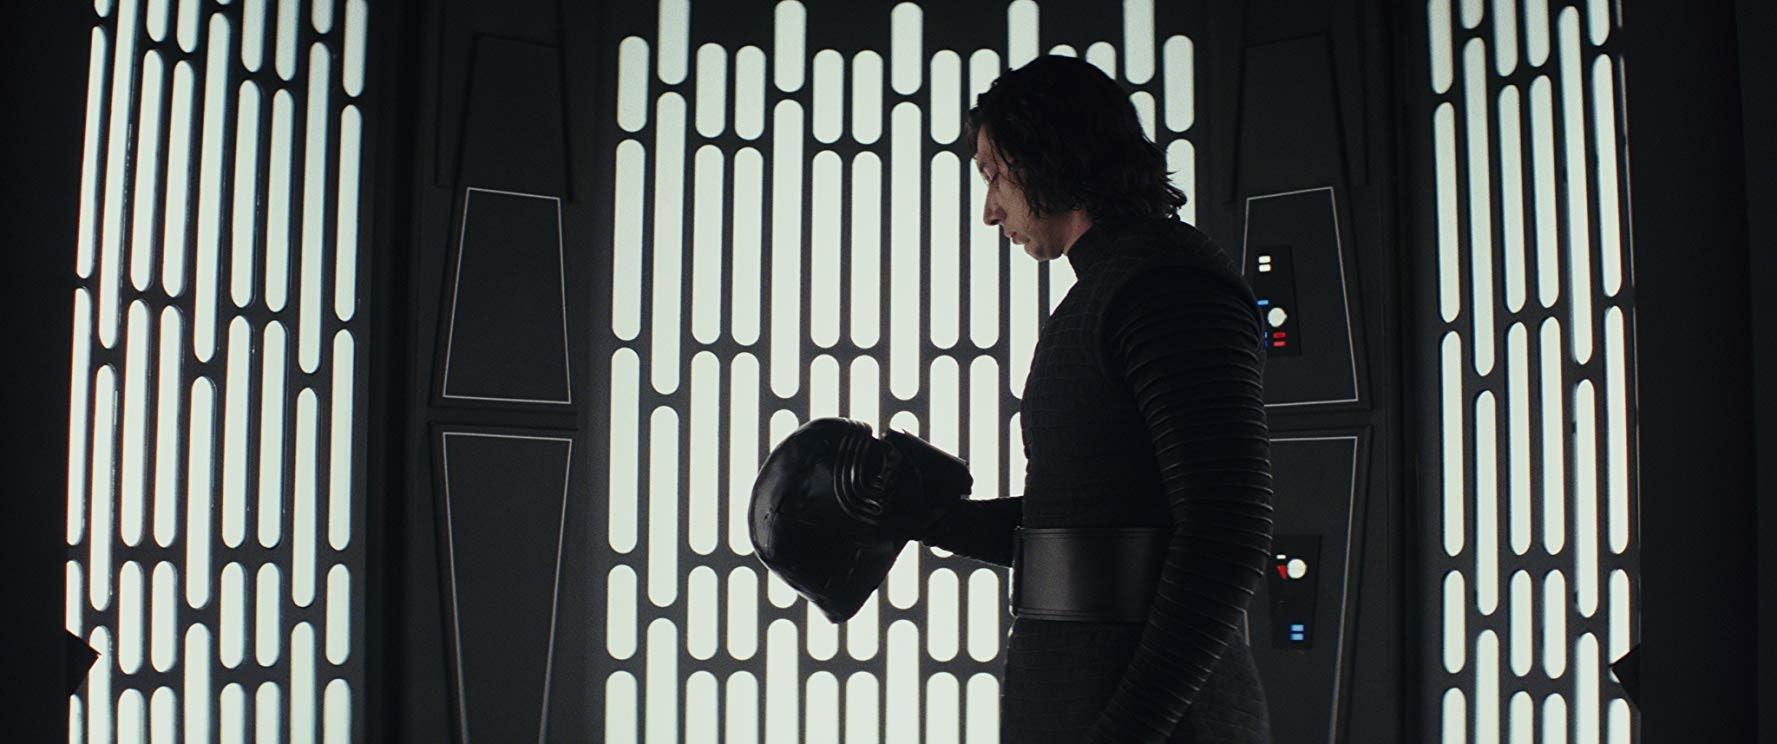 Adam Driver in 'Star Wars: The Last Jedi'